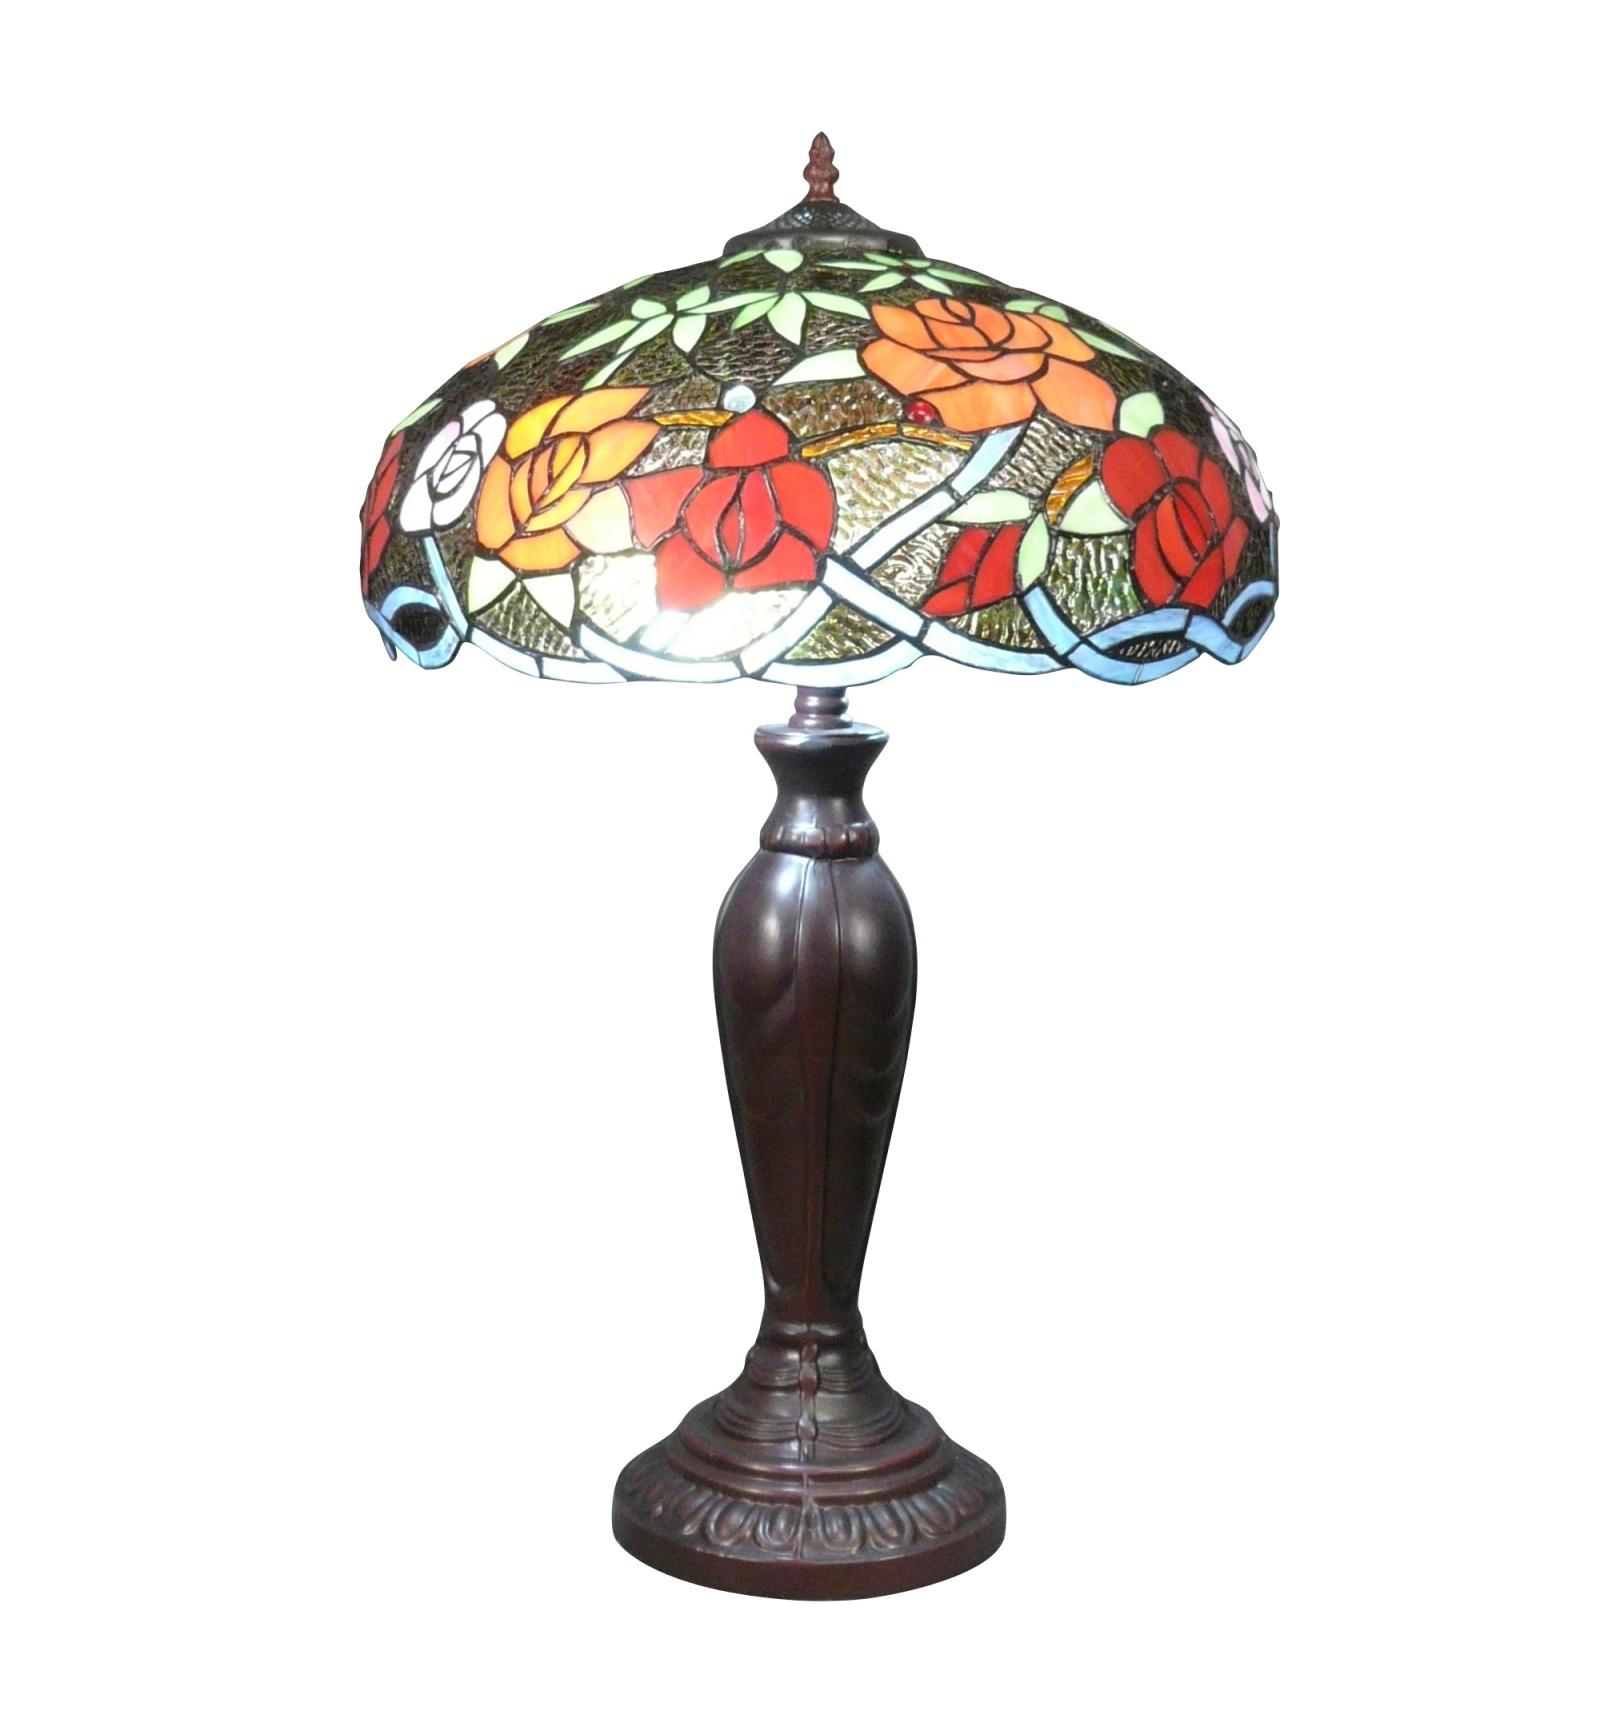 Lampe style Tiffany avec des fleurs